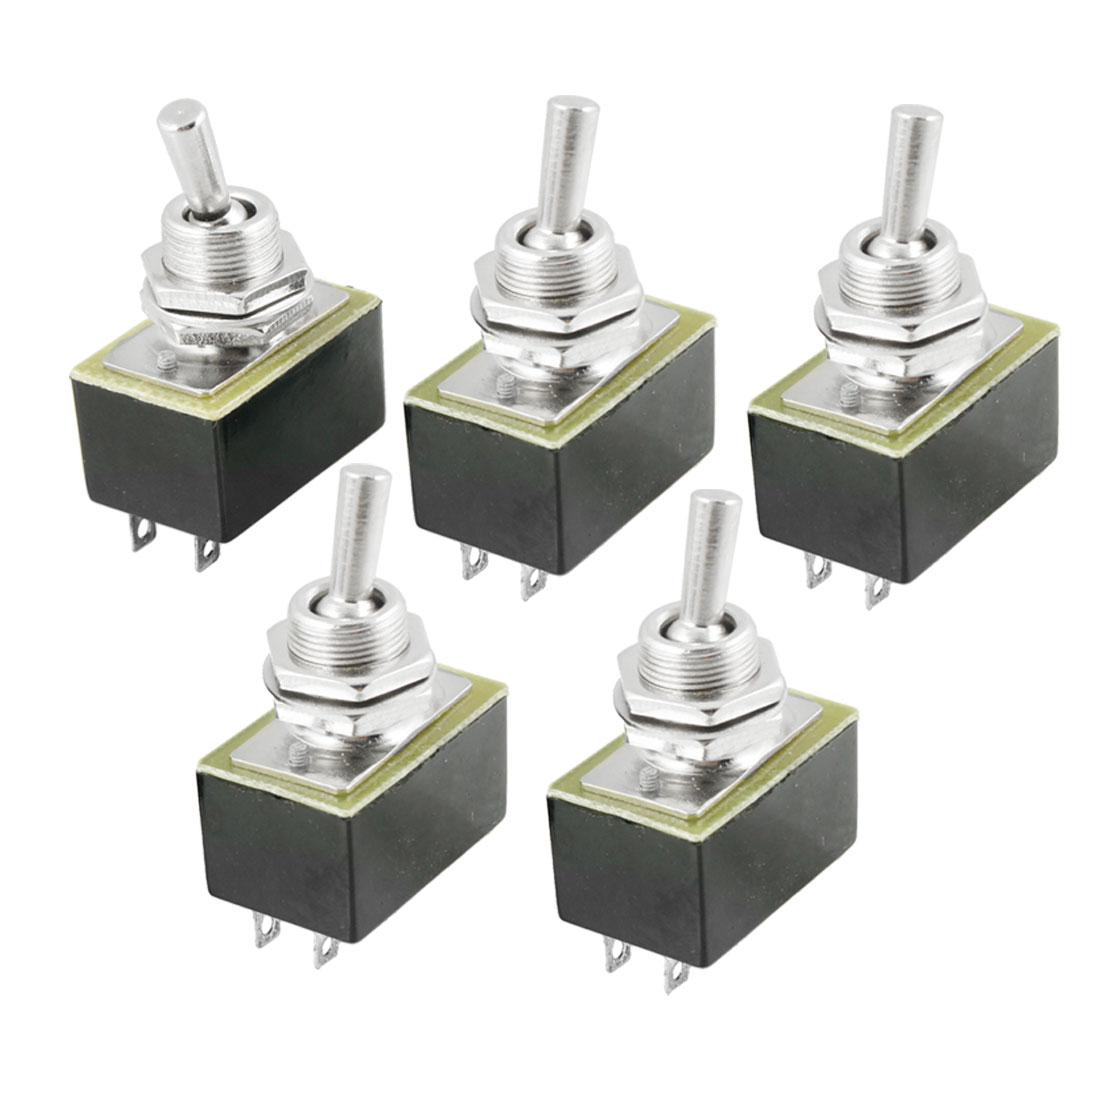 AC 220V/3A 110V/6A ON/OFF 2 Position SPST Toggle Switch 5 Pcs